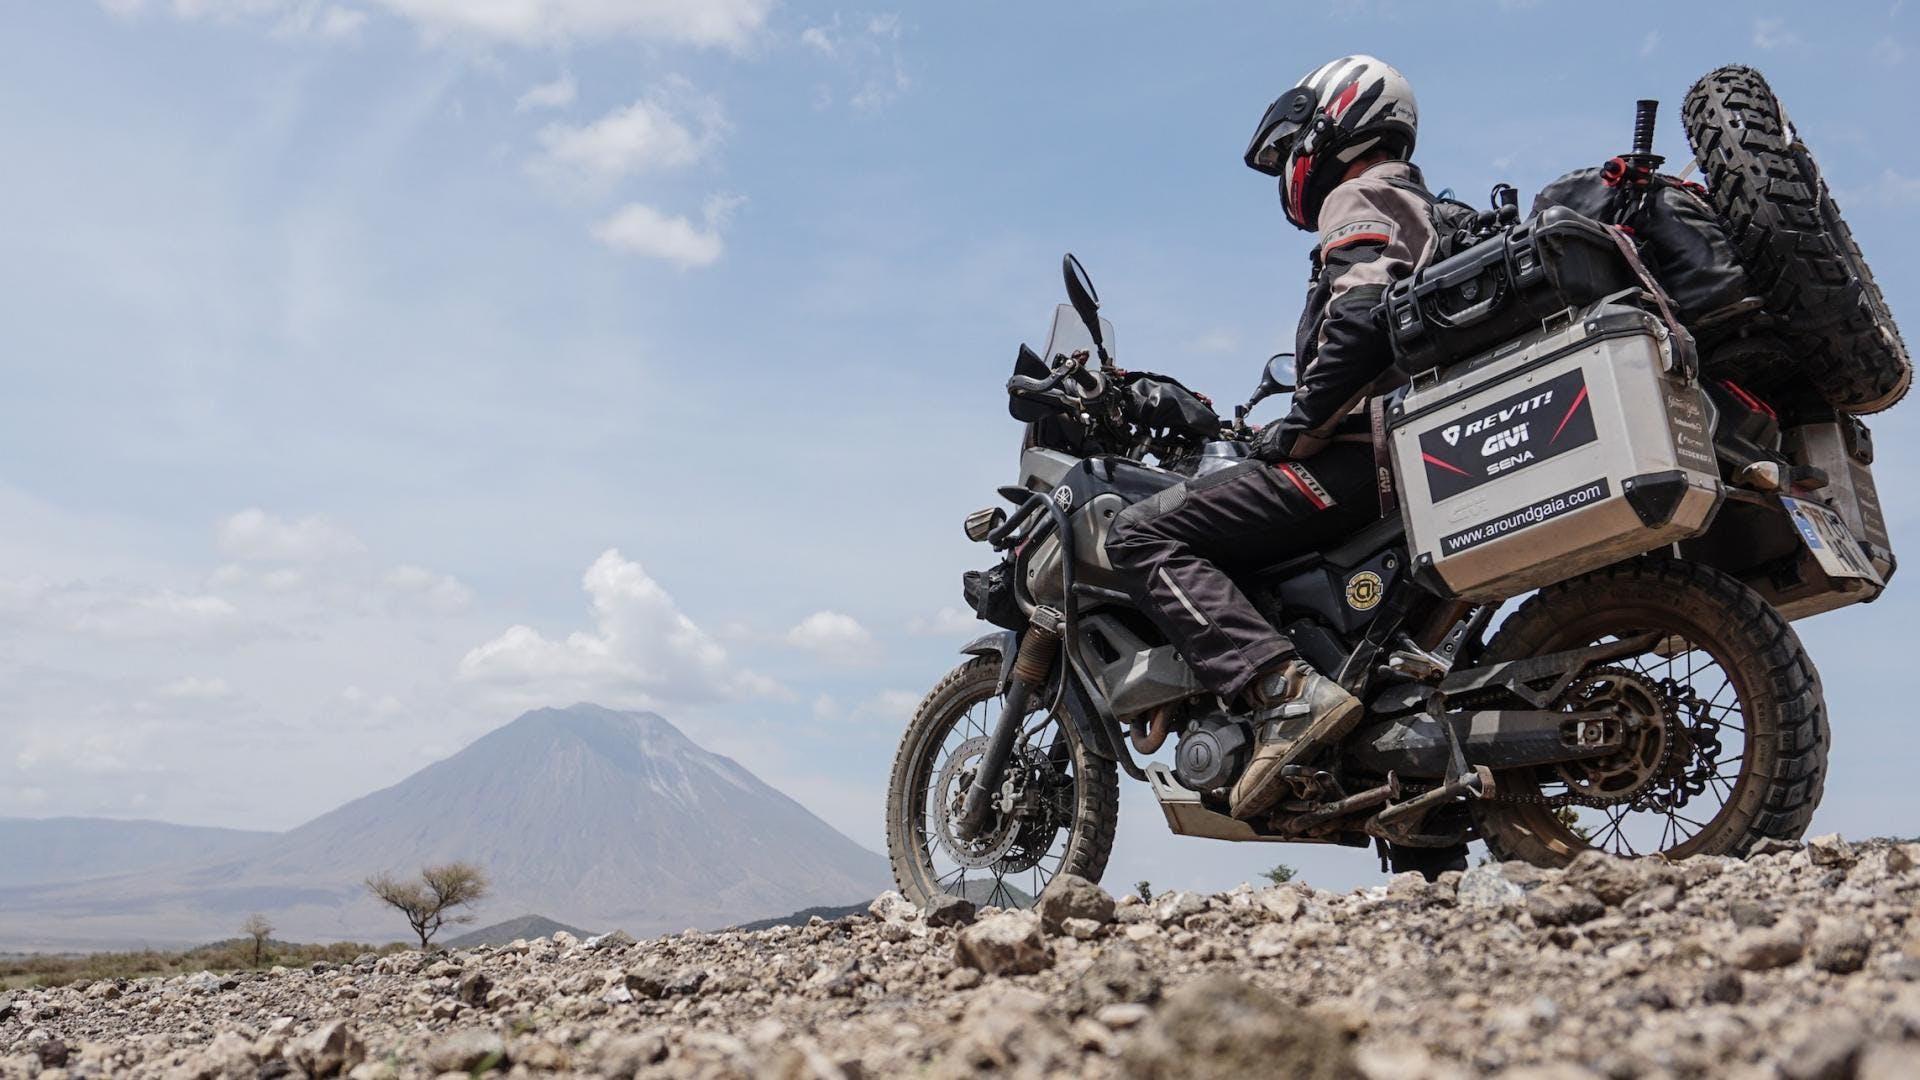 Viaggiare in moto, moto enduro nel deserto